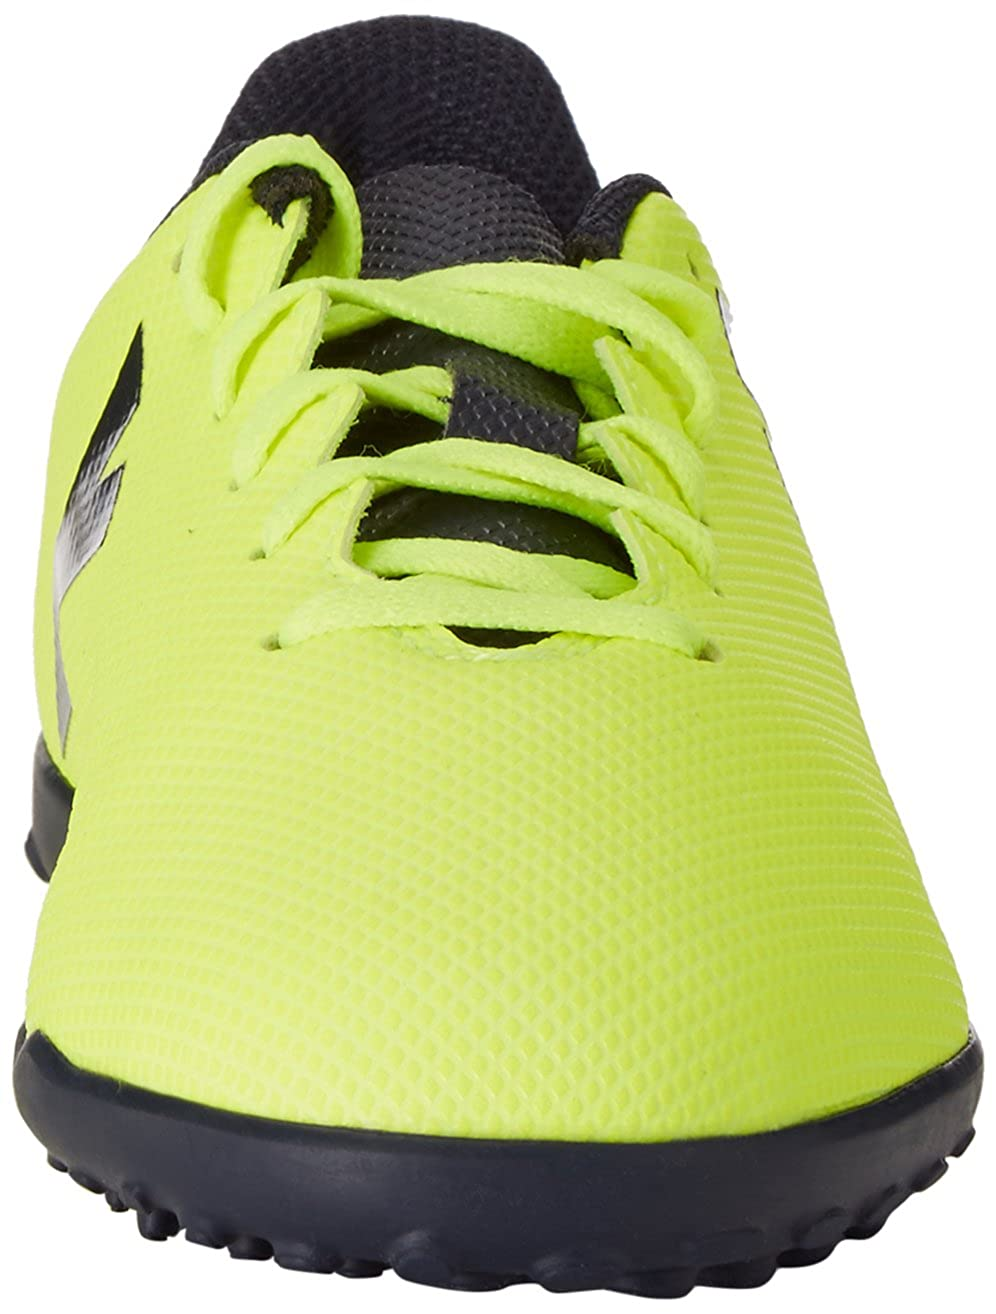 adidas X 17.4 TF J, Botas de fútbol Unisex Niños: Amazon.es: Zapatos y complementos